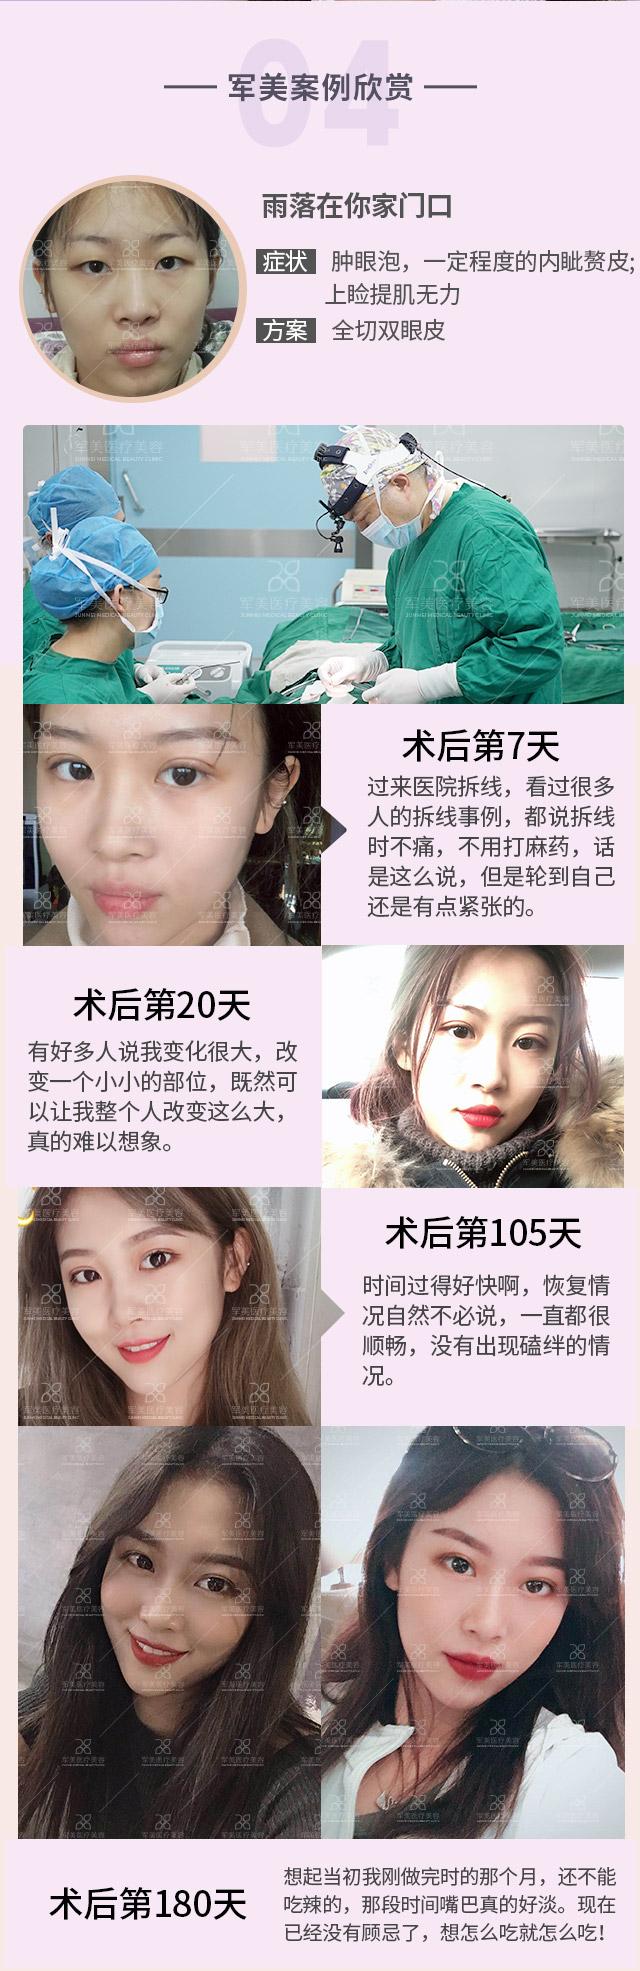 韩式双眼皮的效果